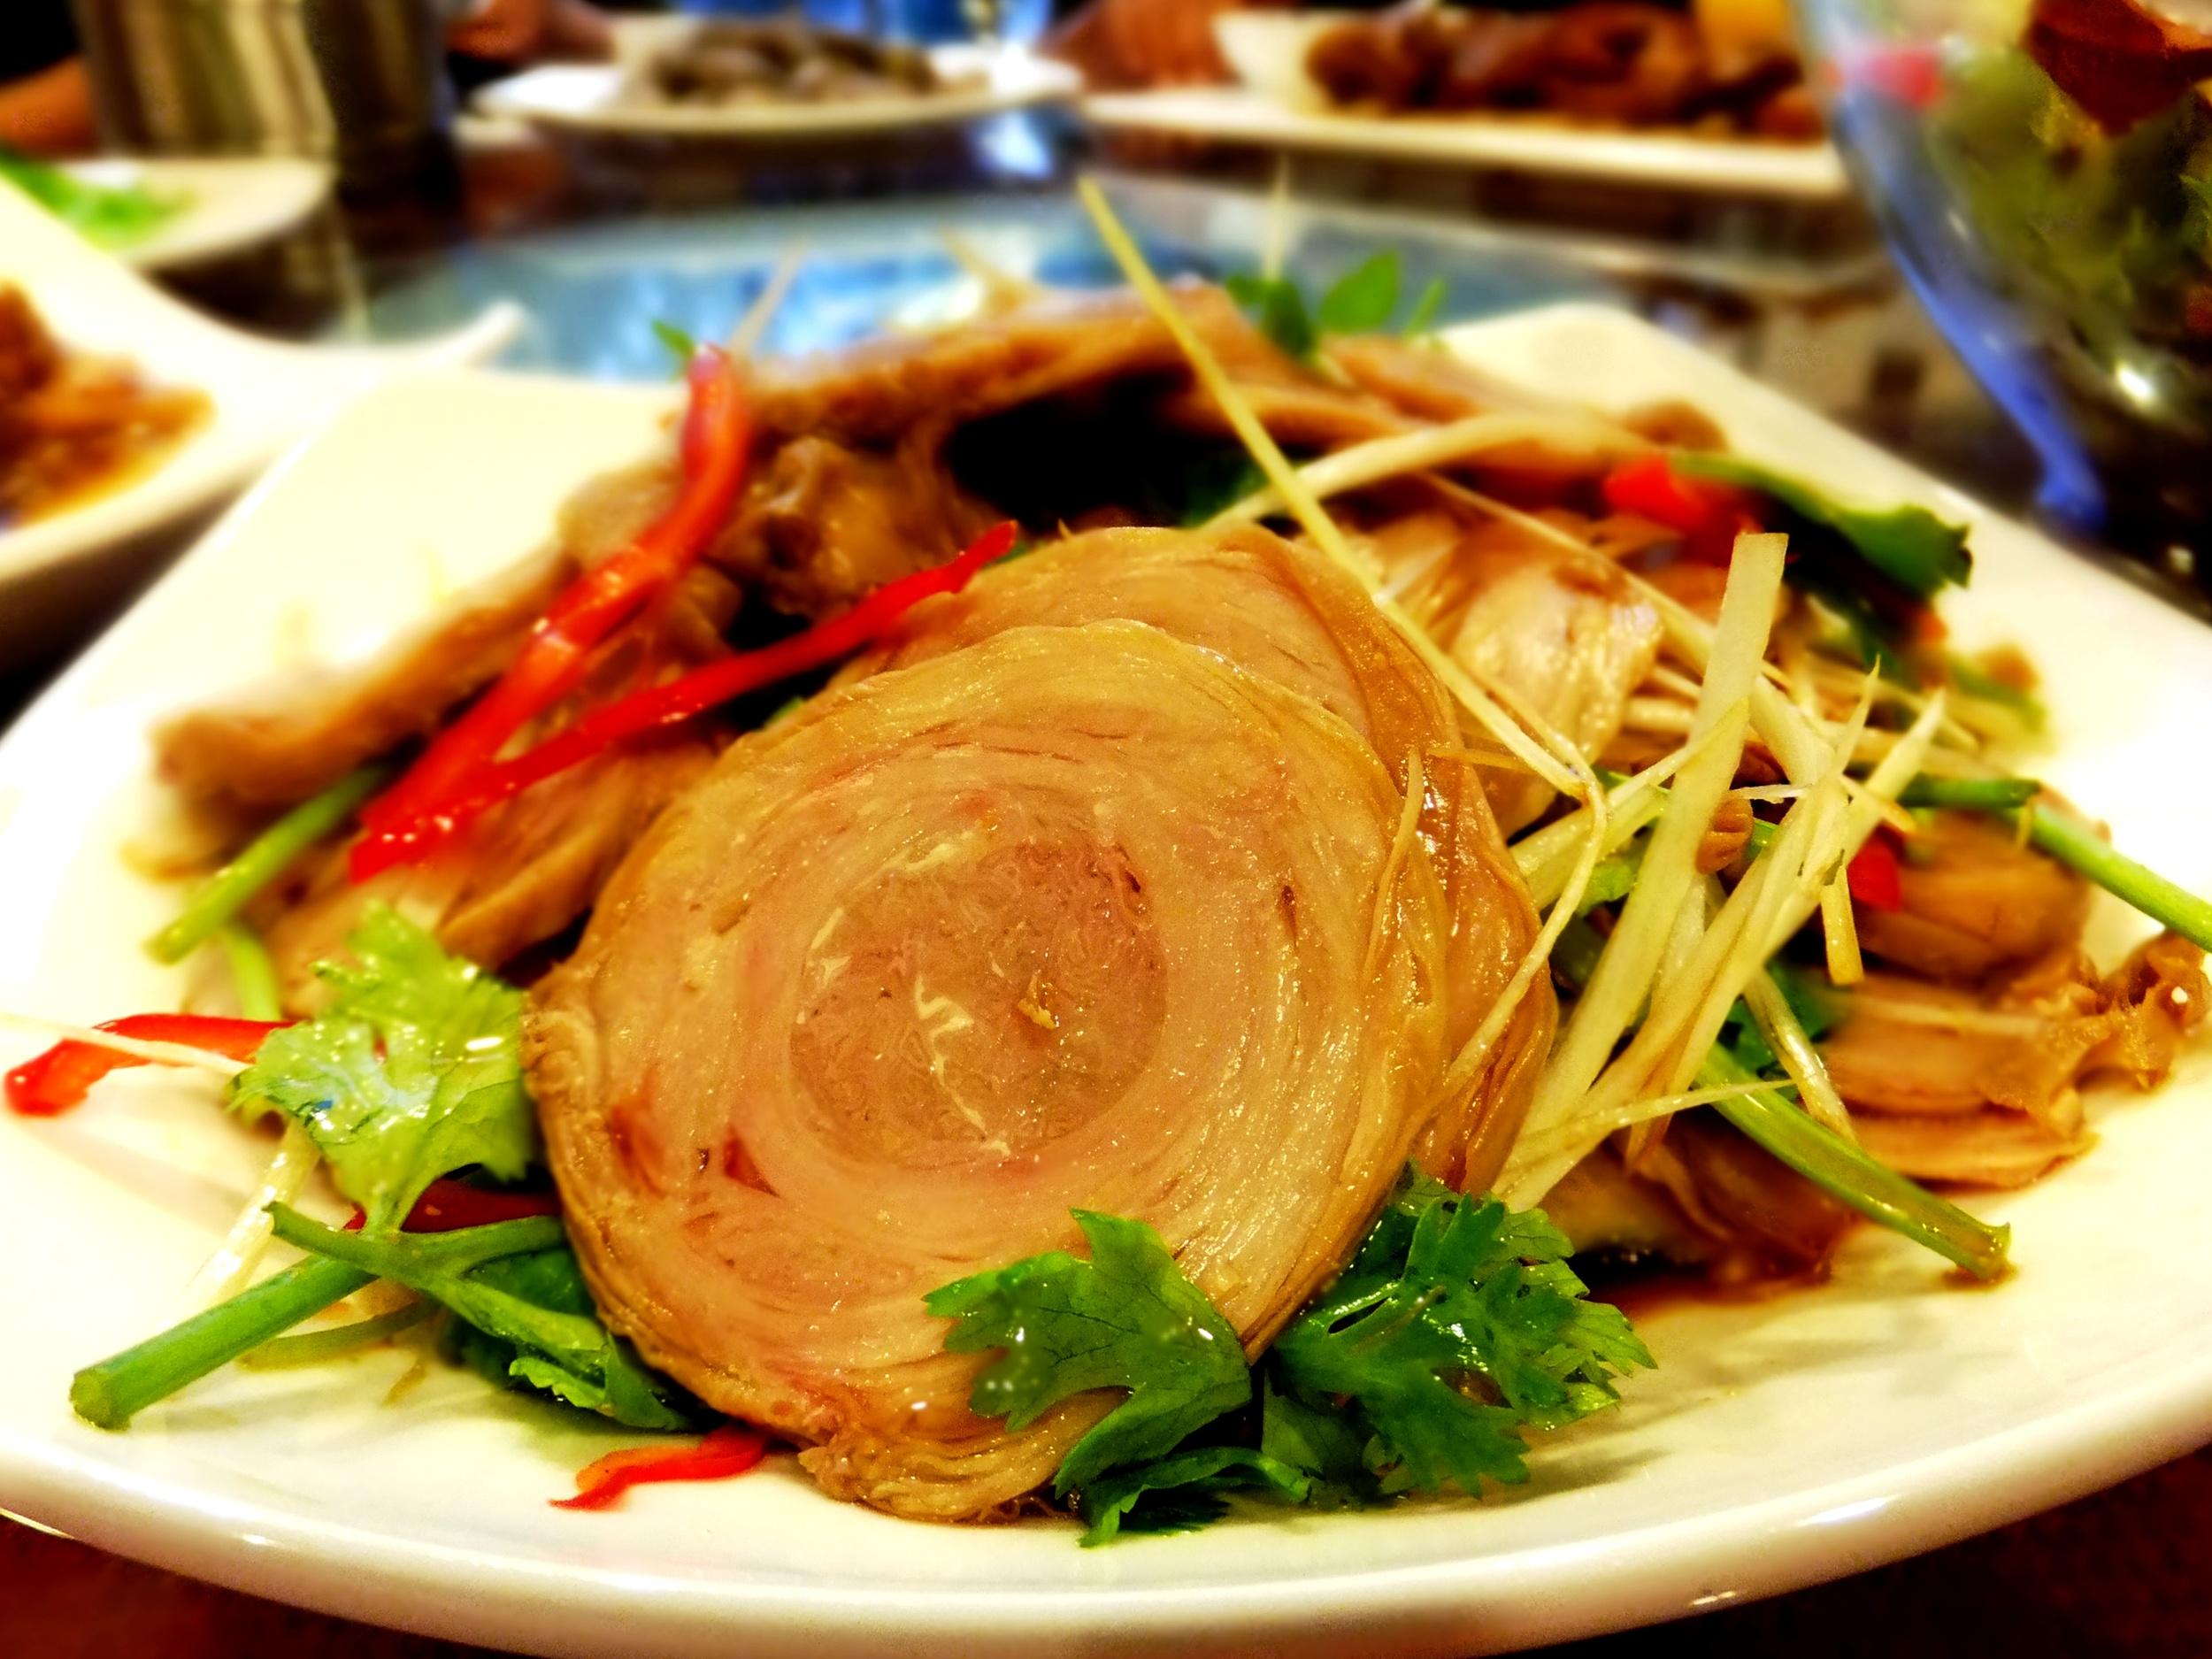 Pork intestines